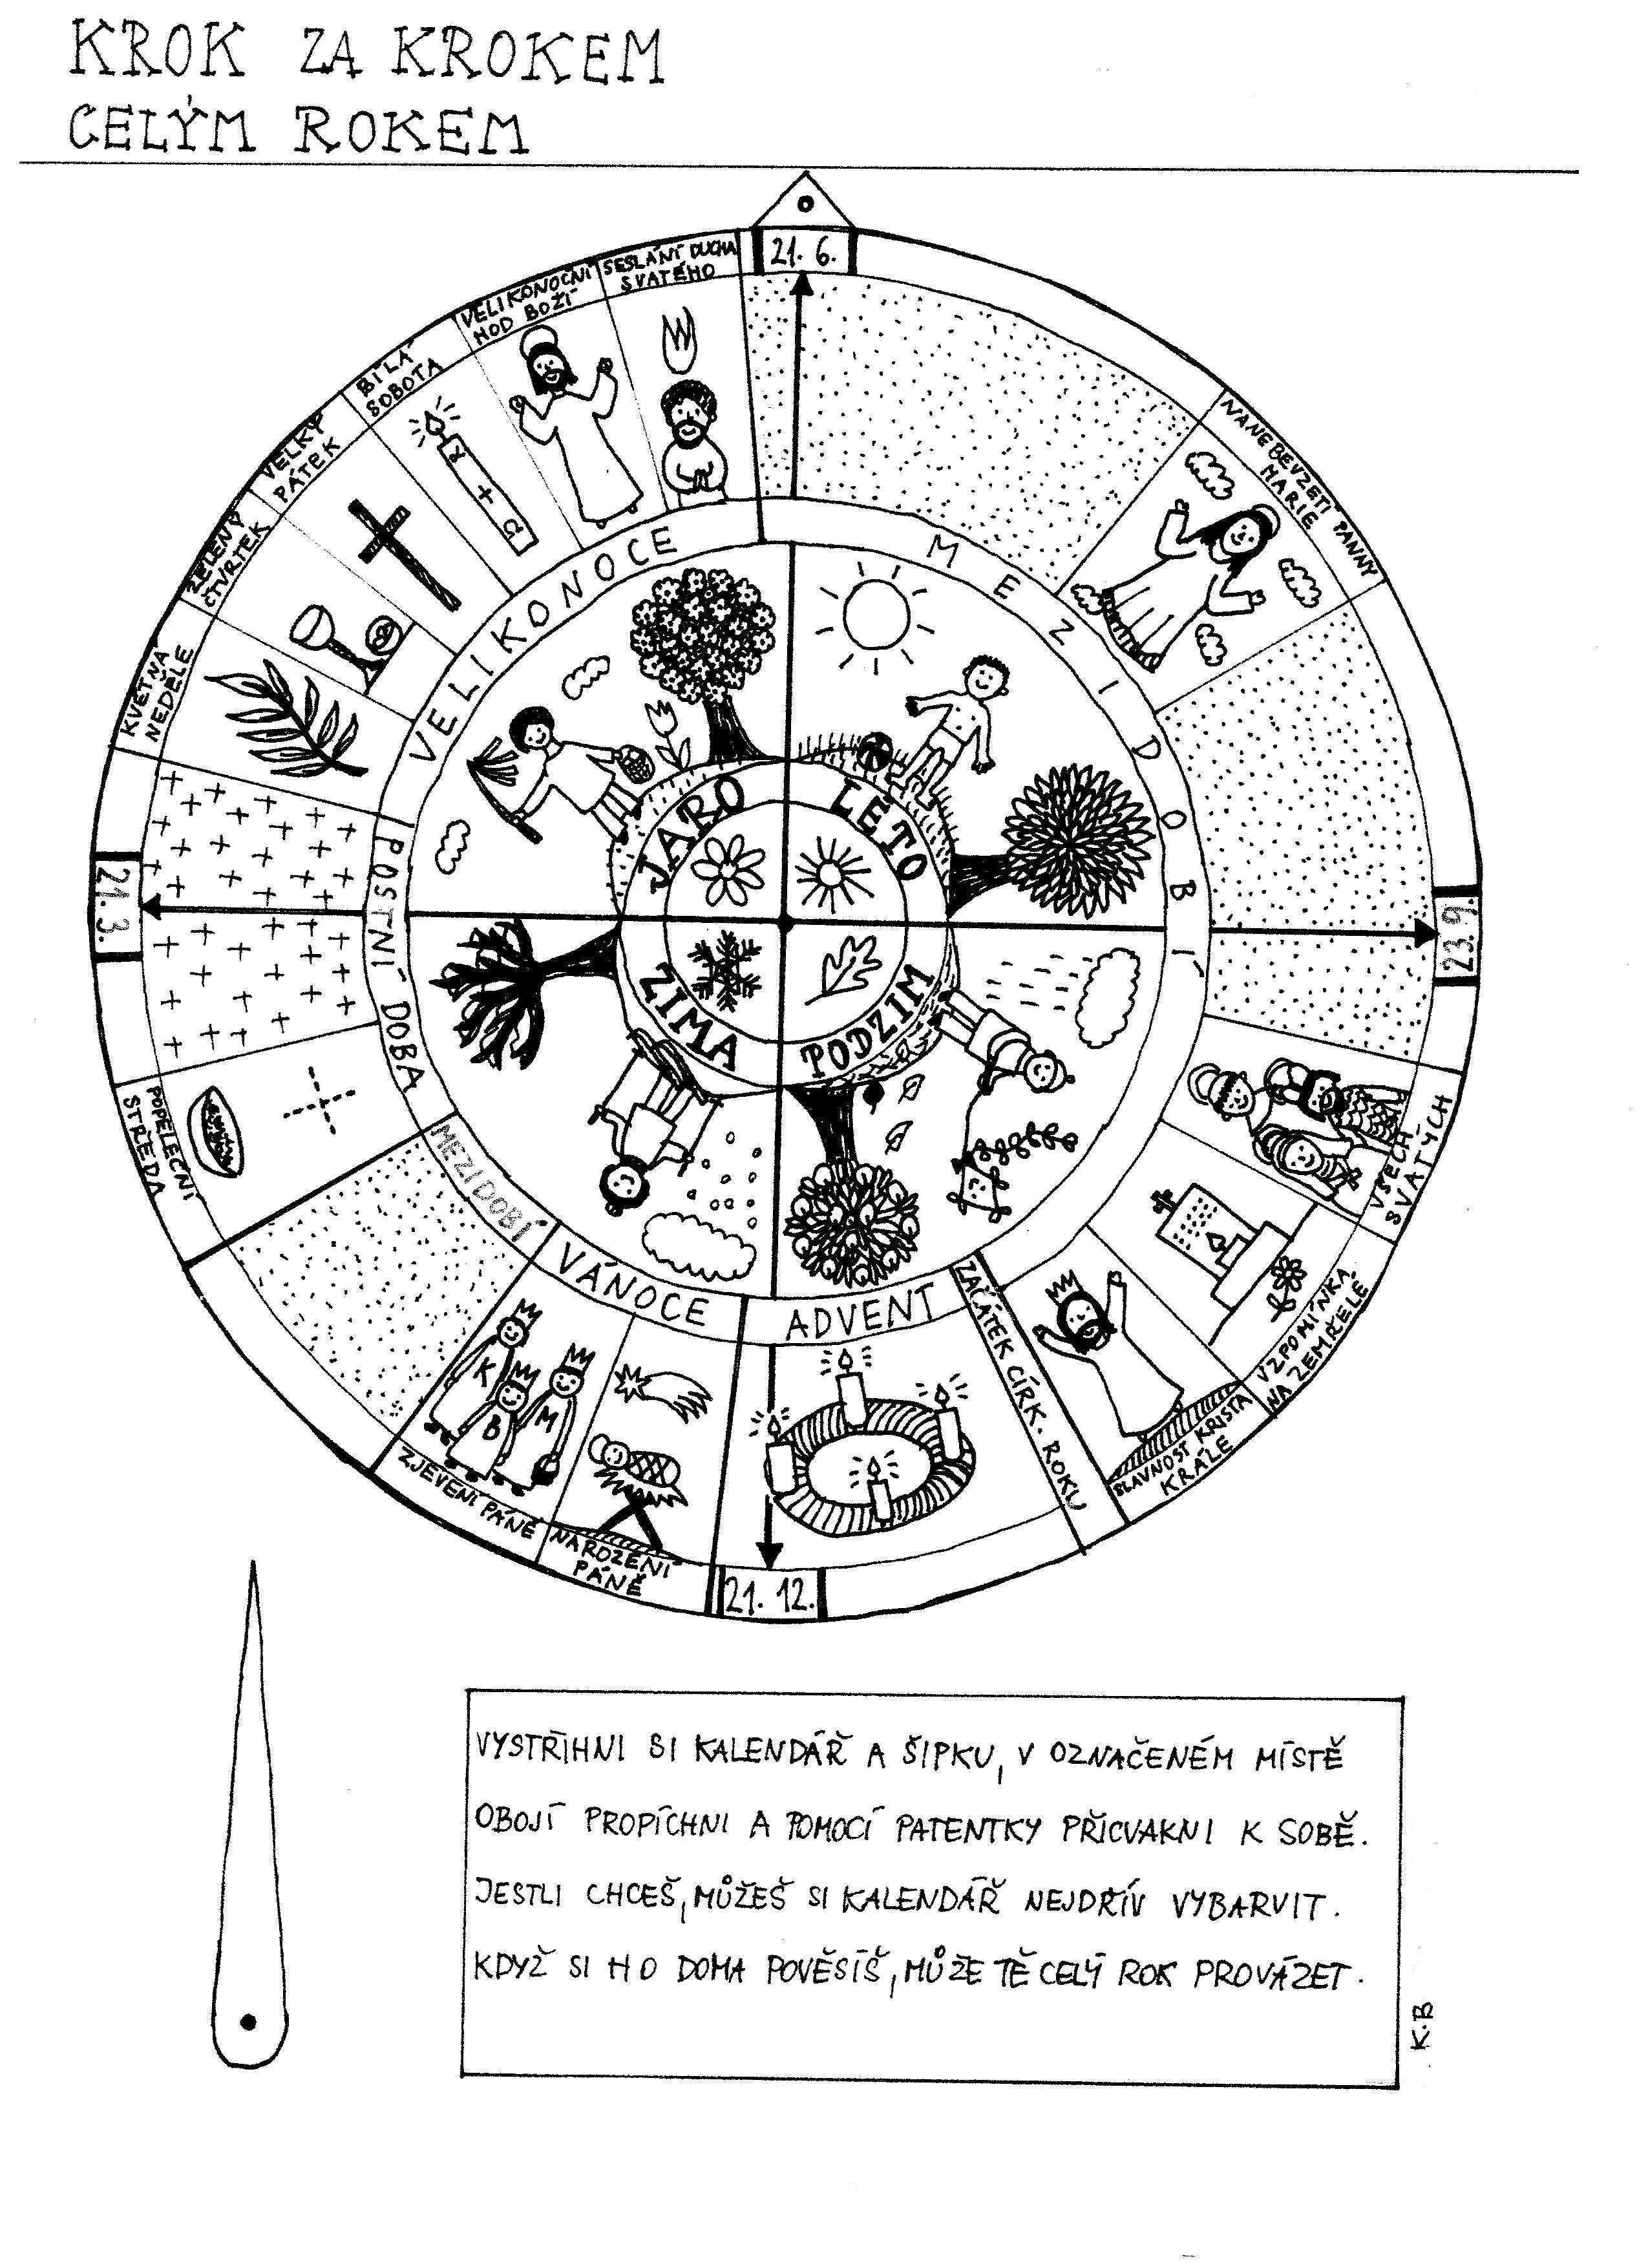 cirkevni kalendar Krok za krokem celým rokem   cirkevni kalendar